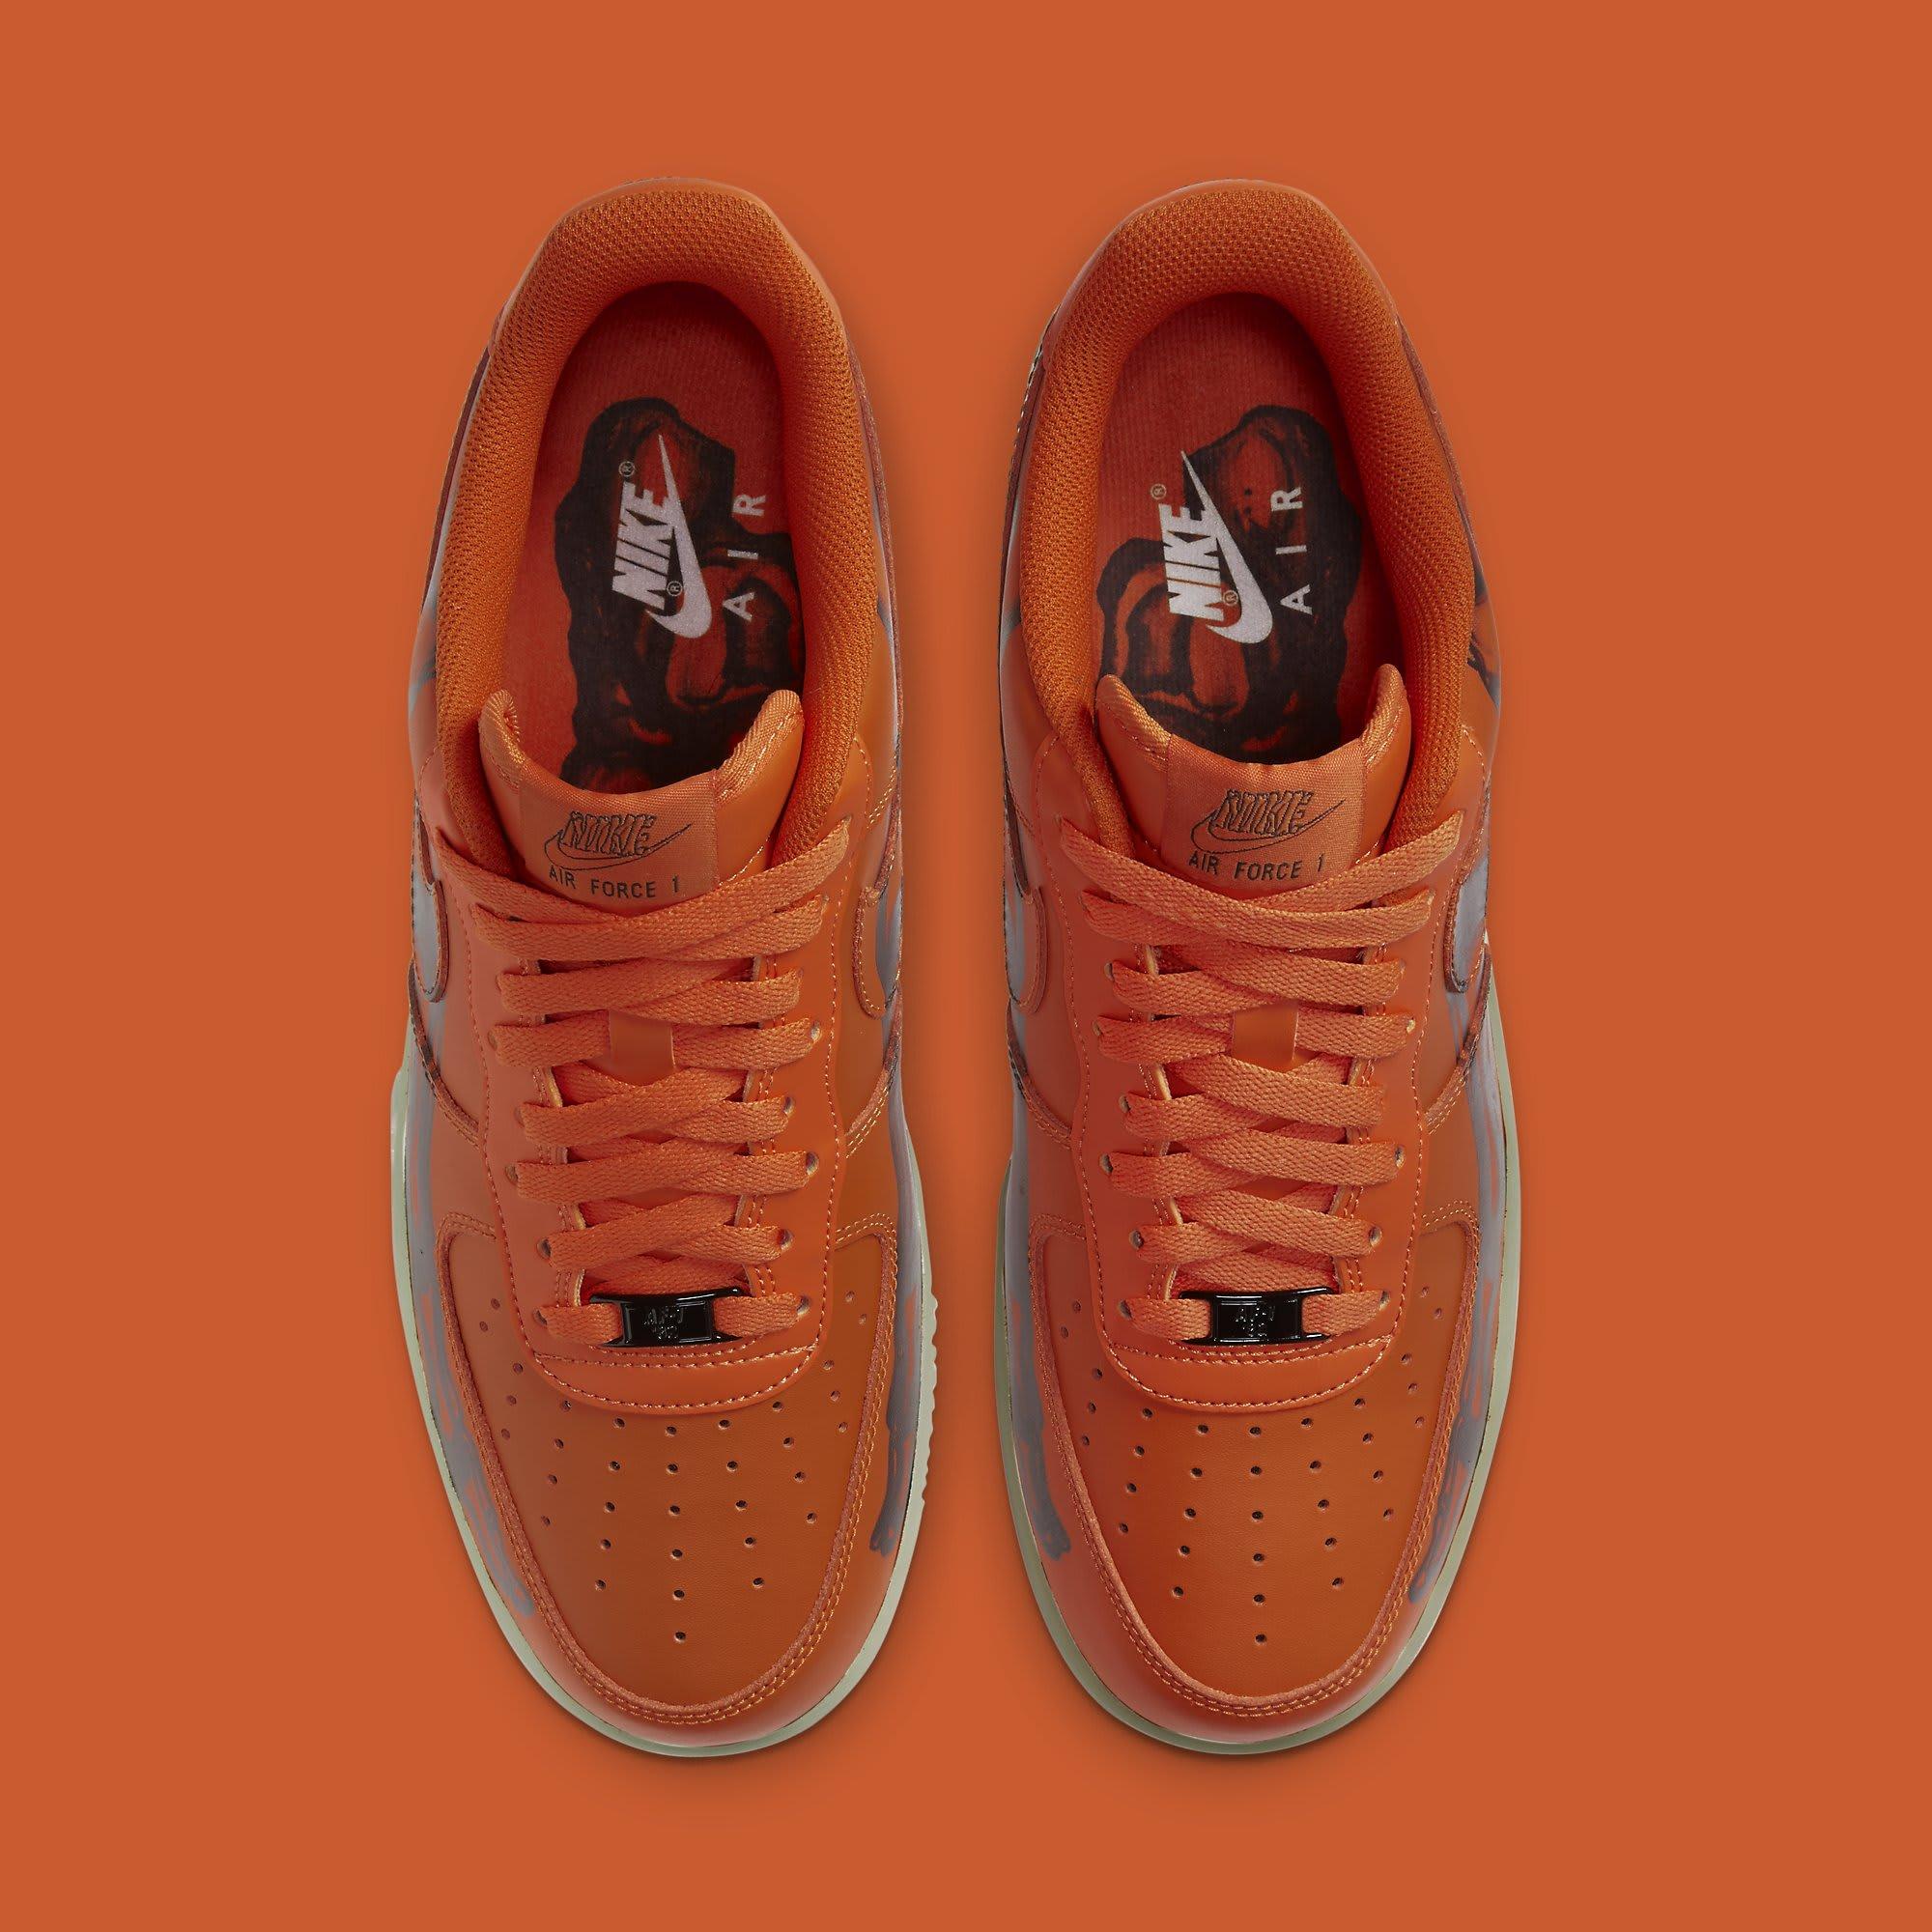 Nike Air Force 1 Low Skeleton 'Orange' CU8067-800 Top